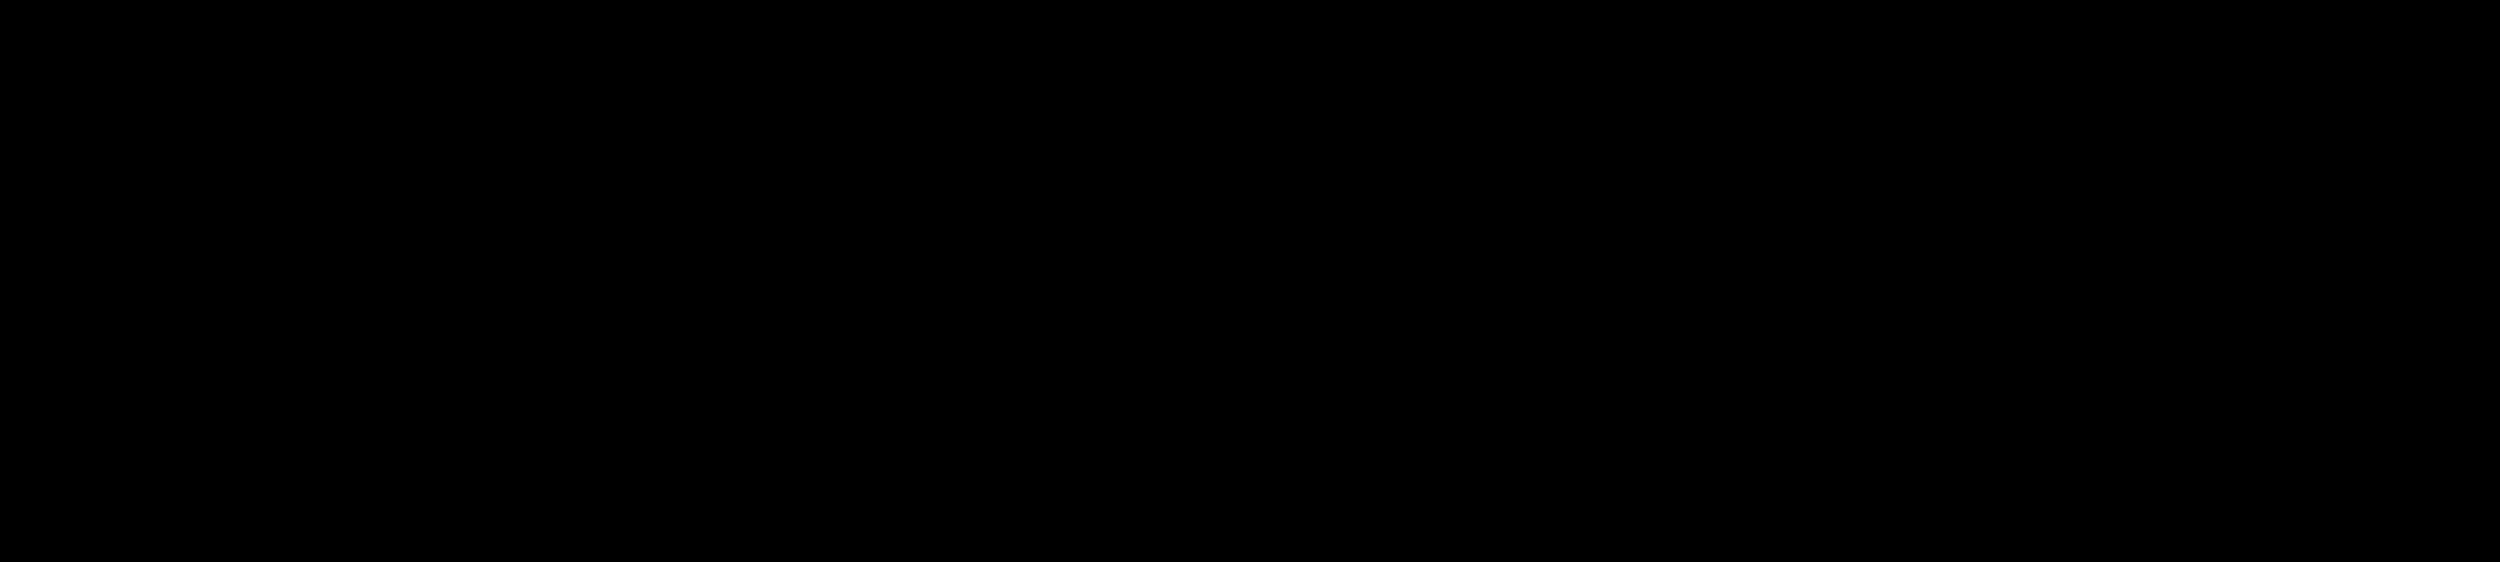 corus logo-black.png